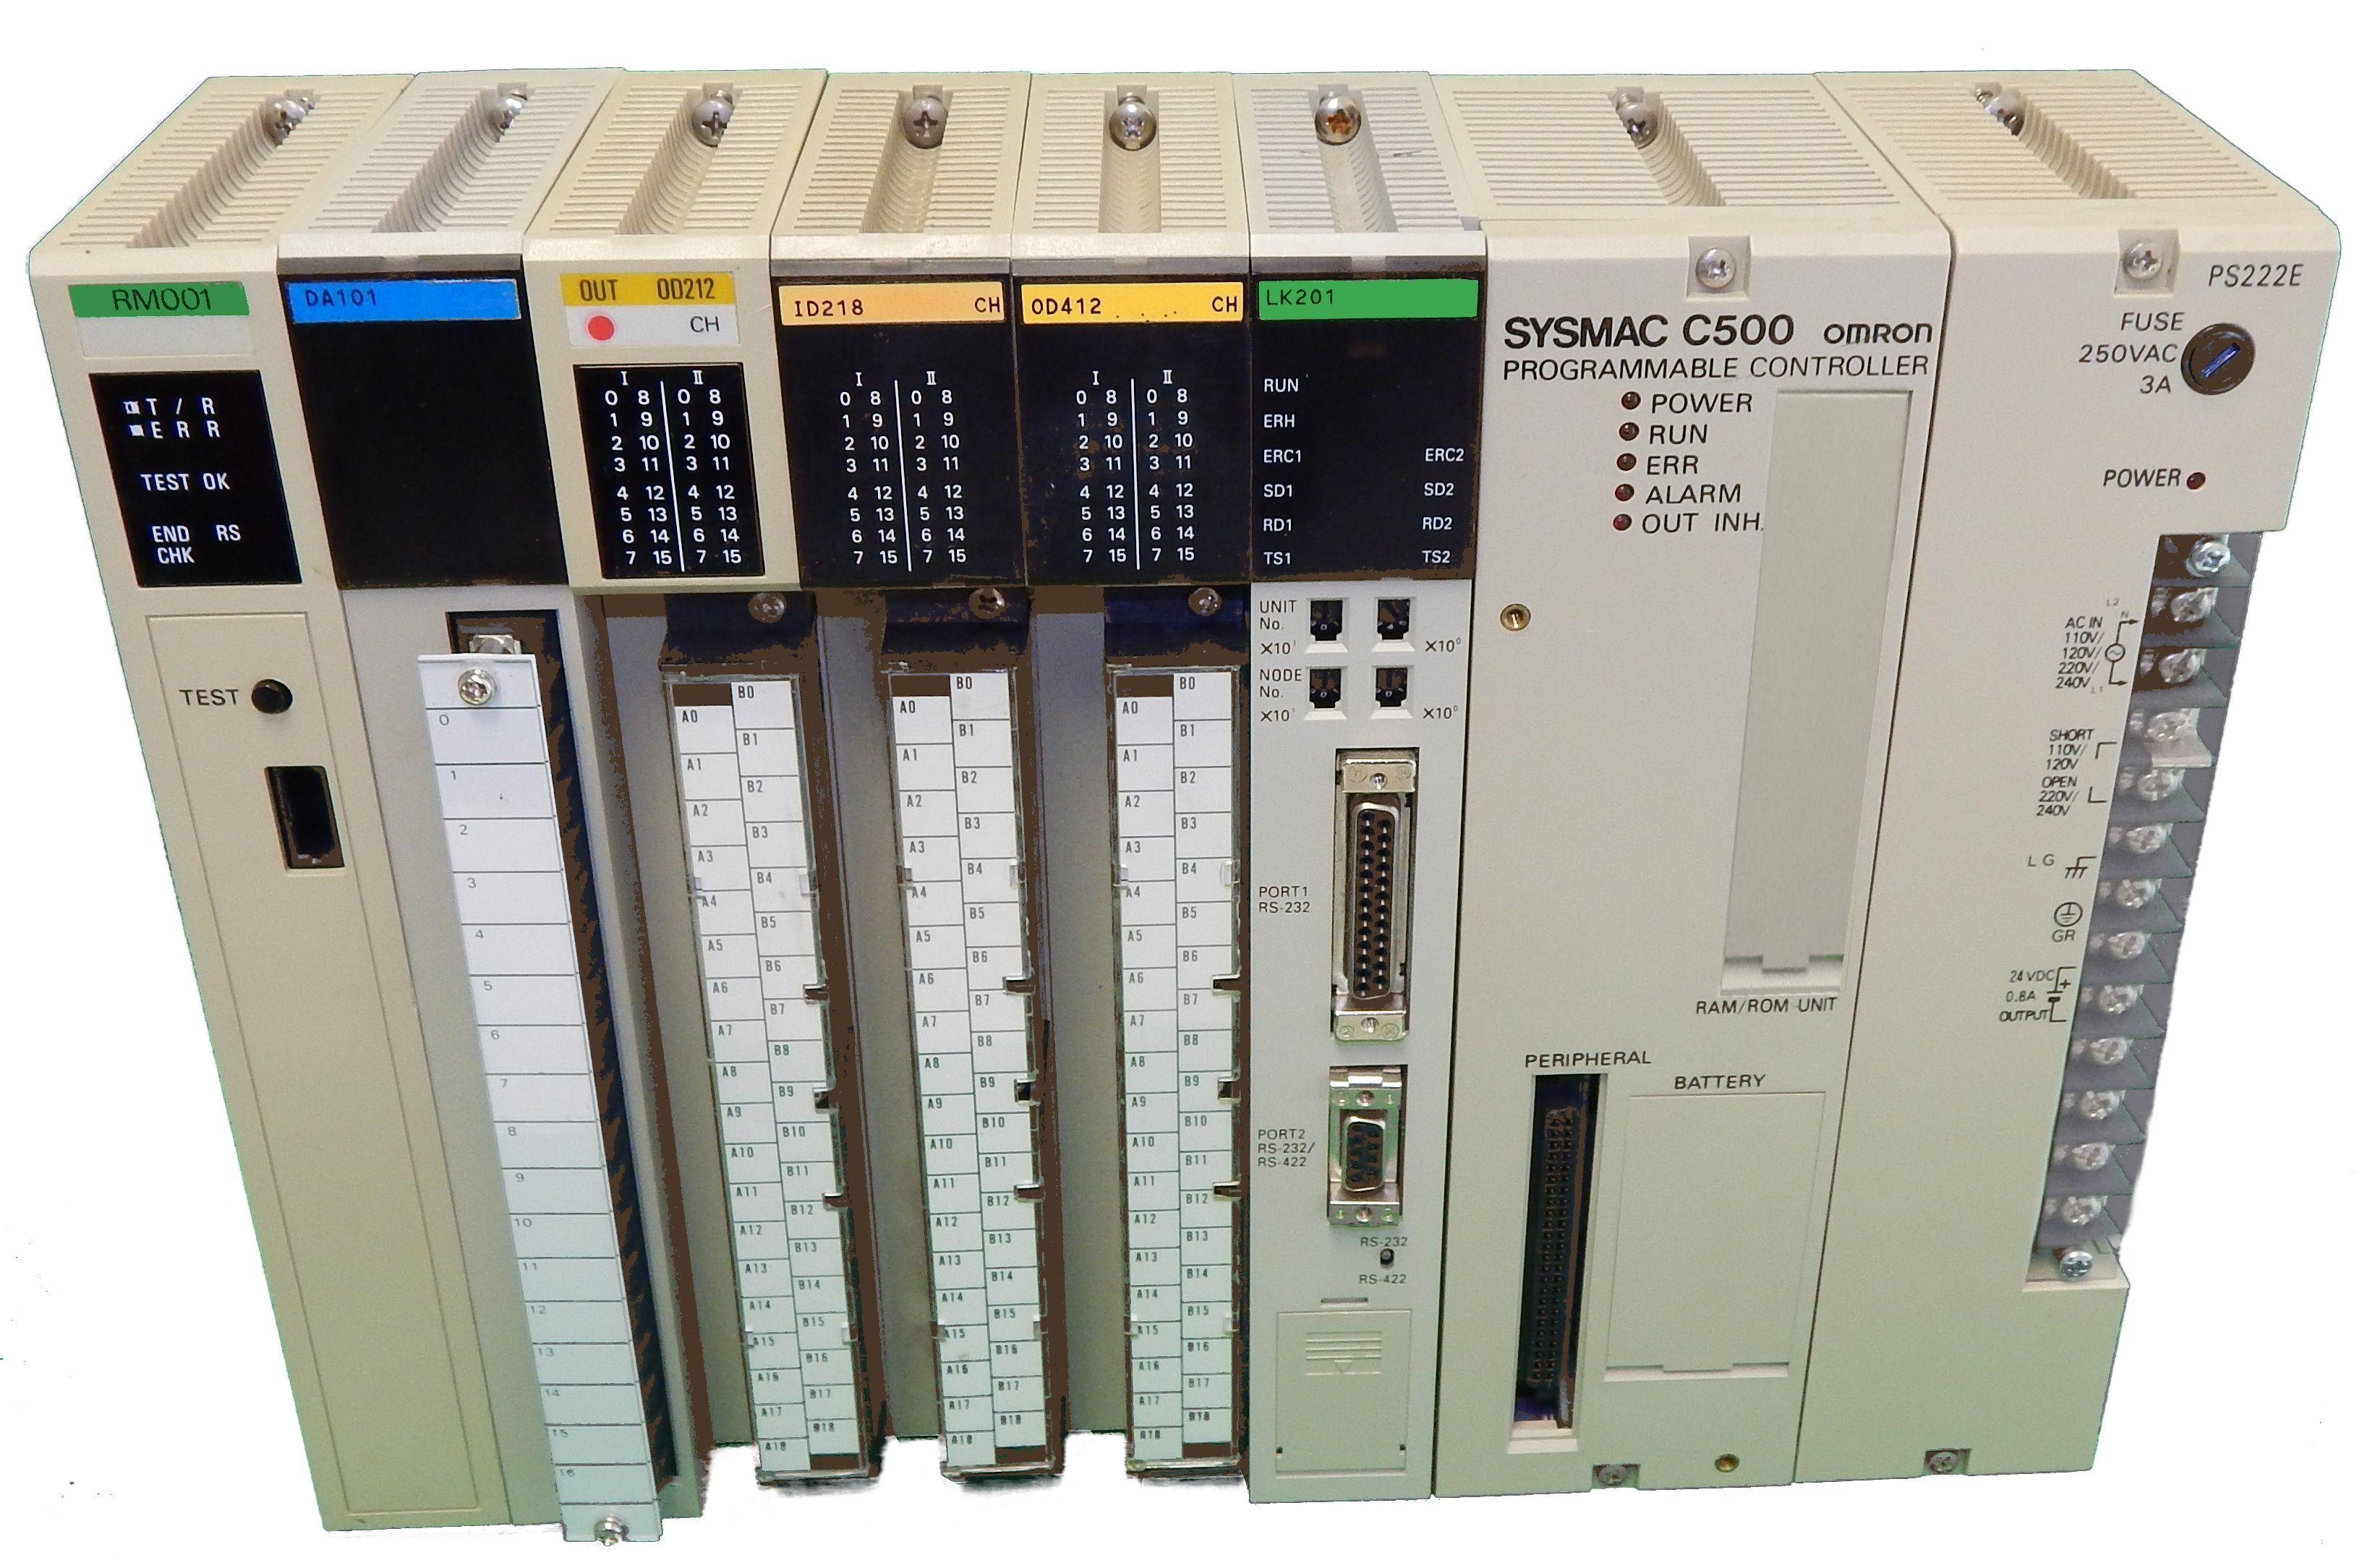 3G2A9-AL005-PE